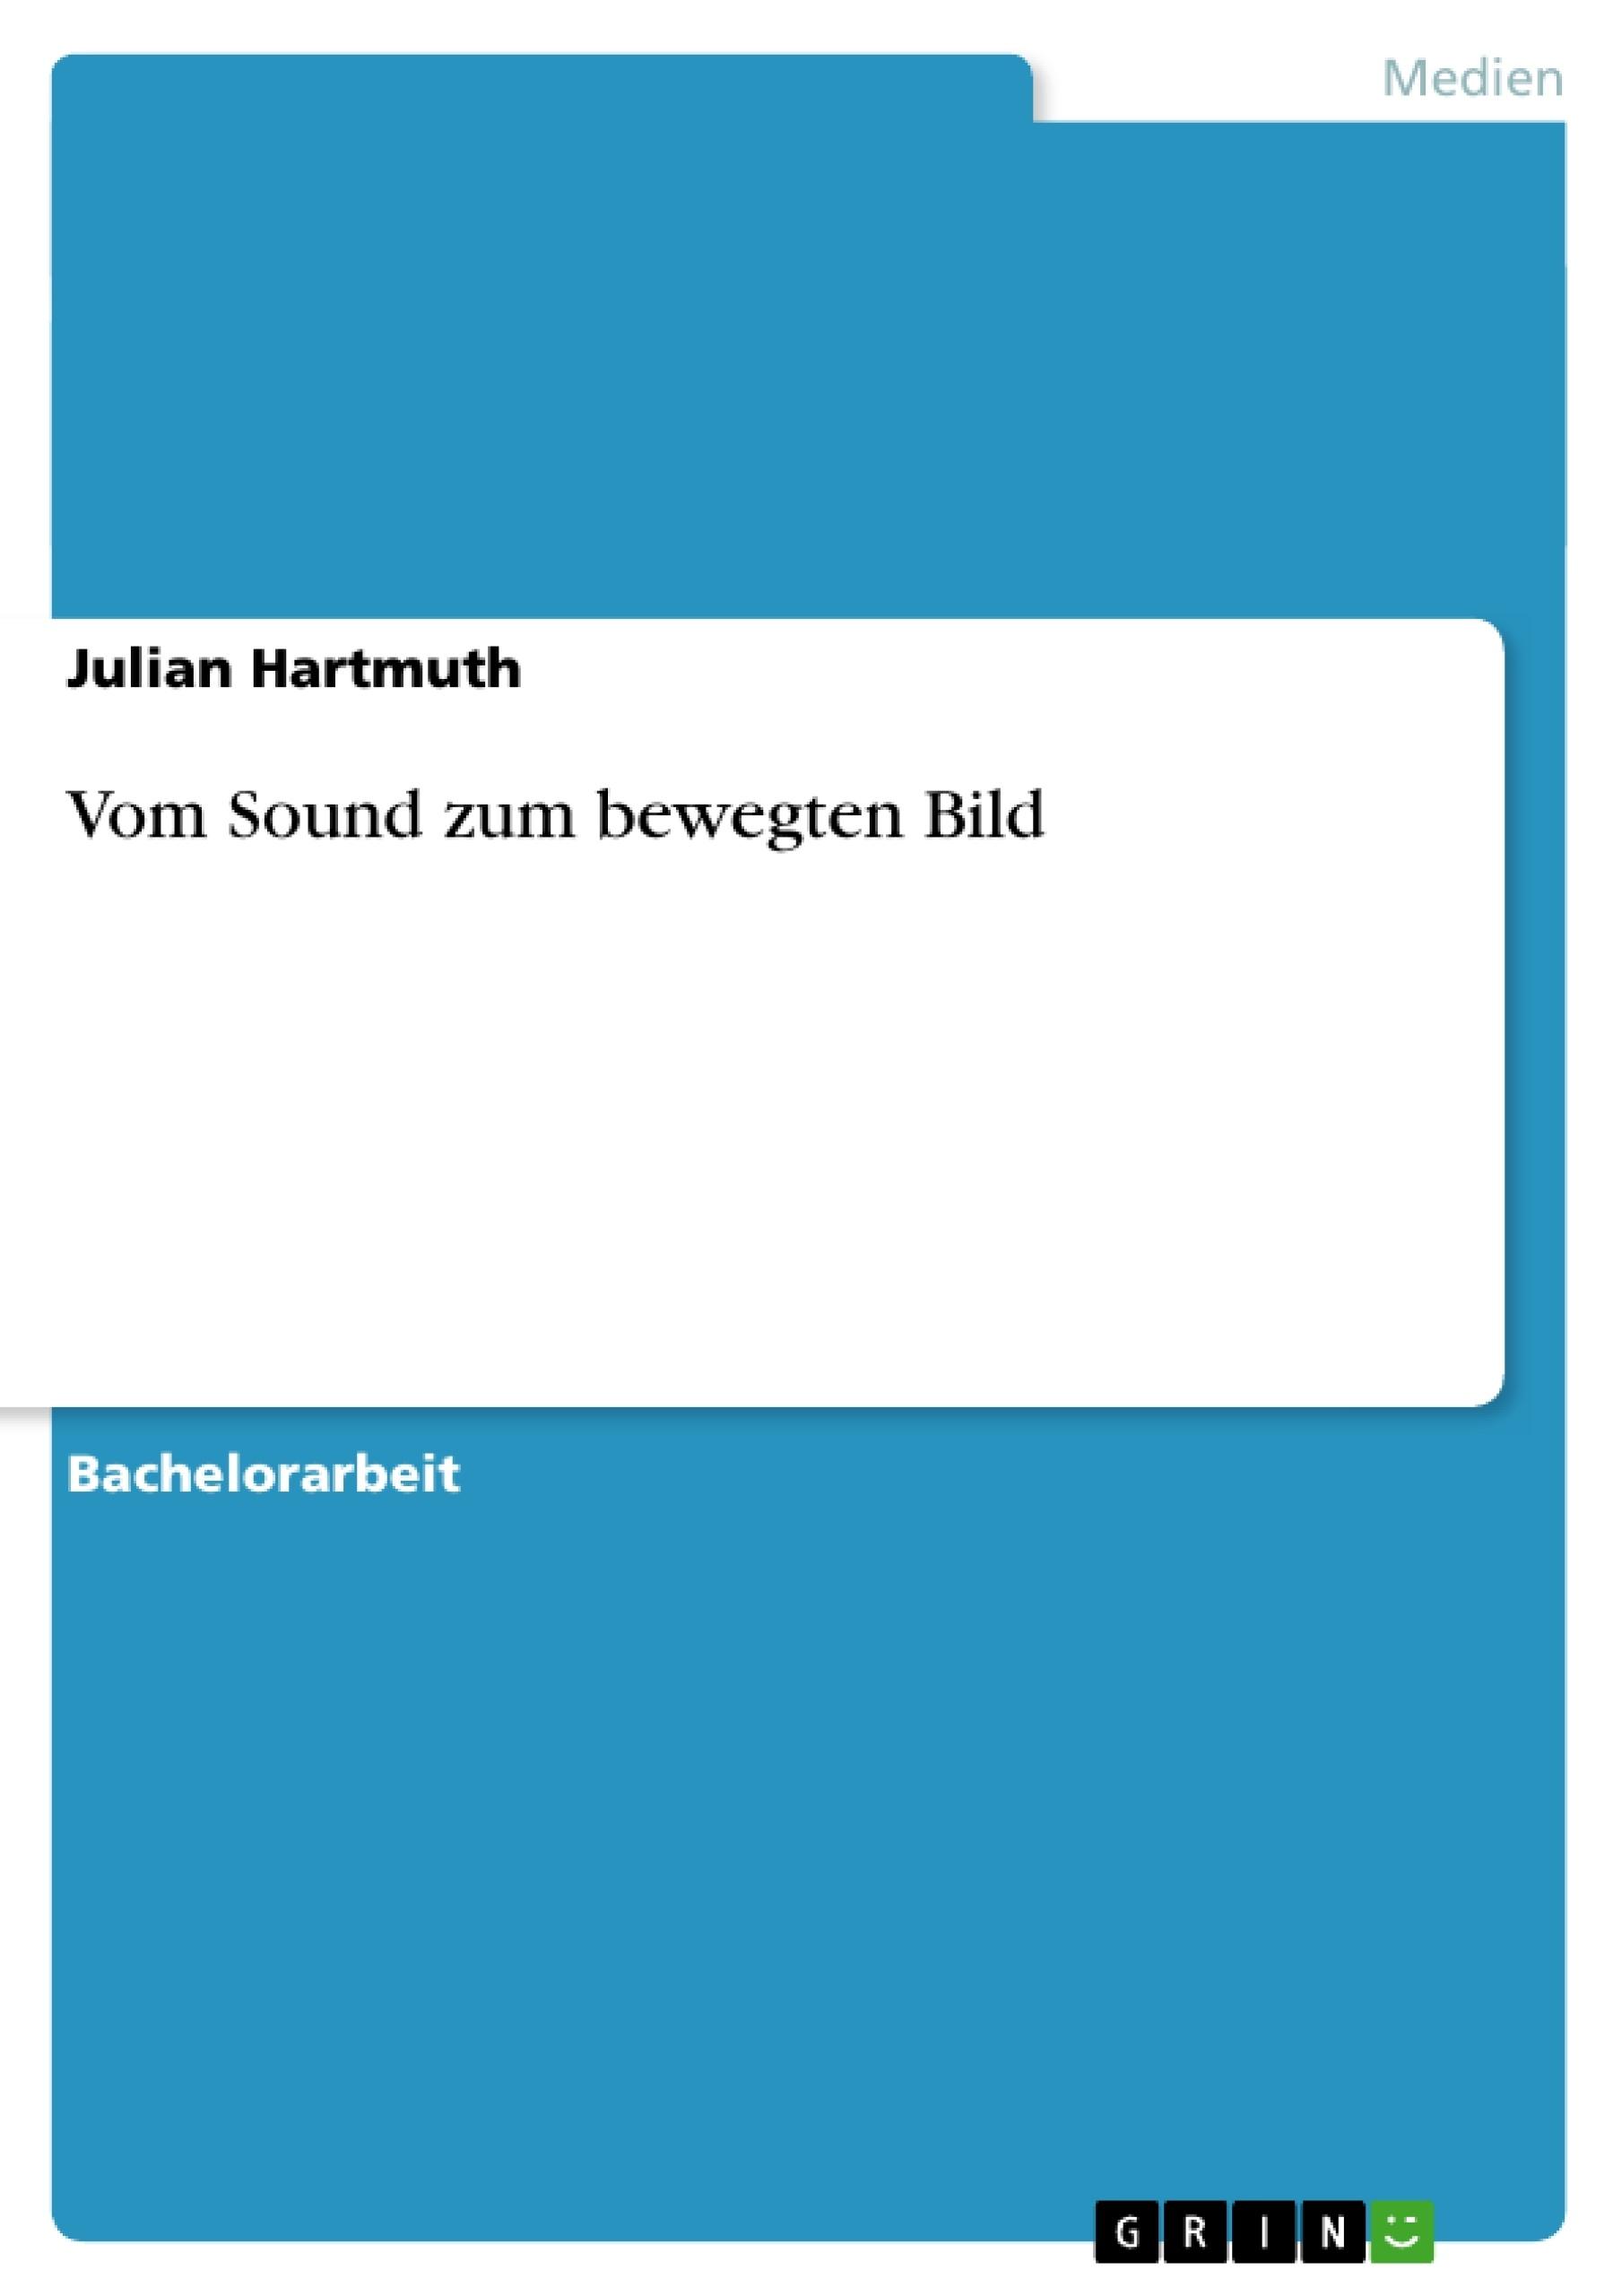 Titel: Vom Sound zum bewegten Bild